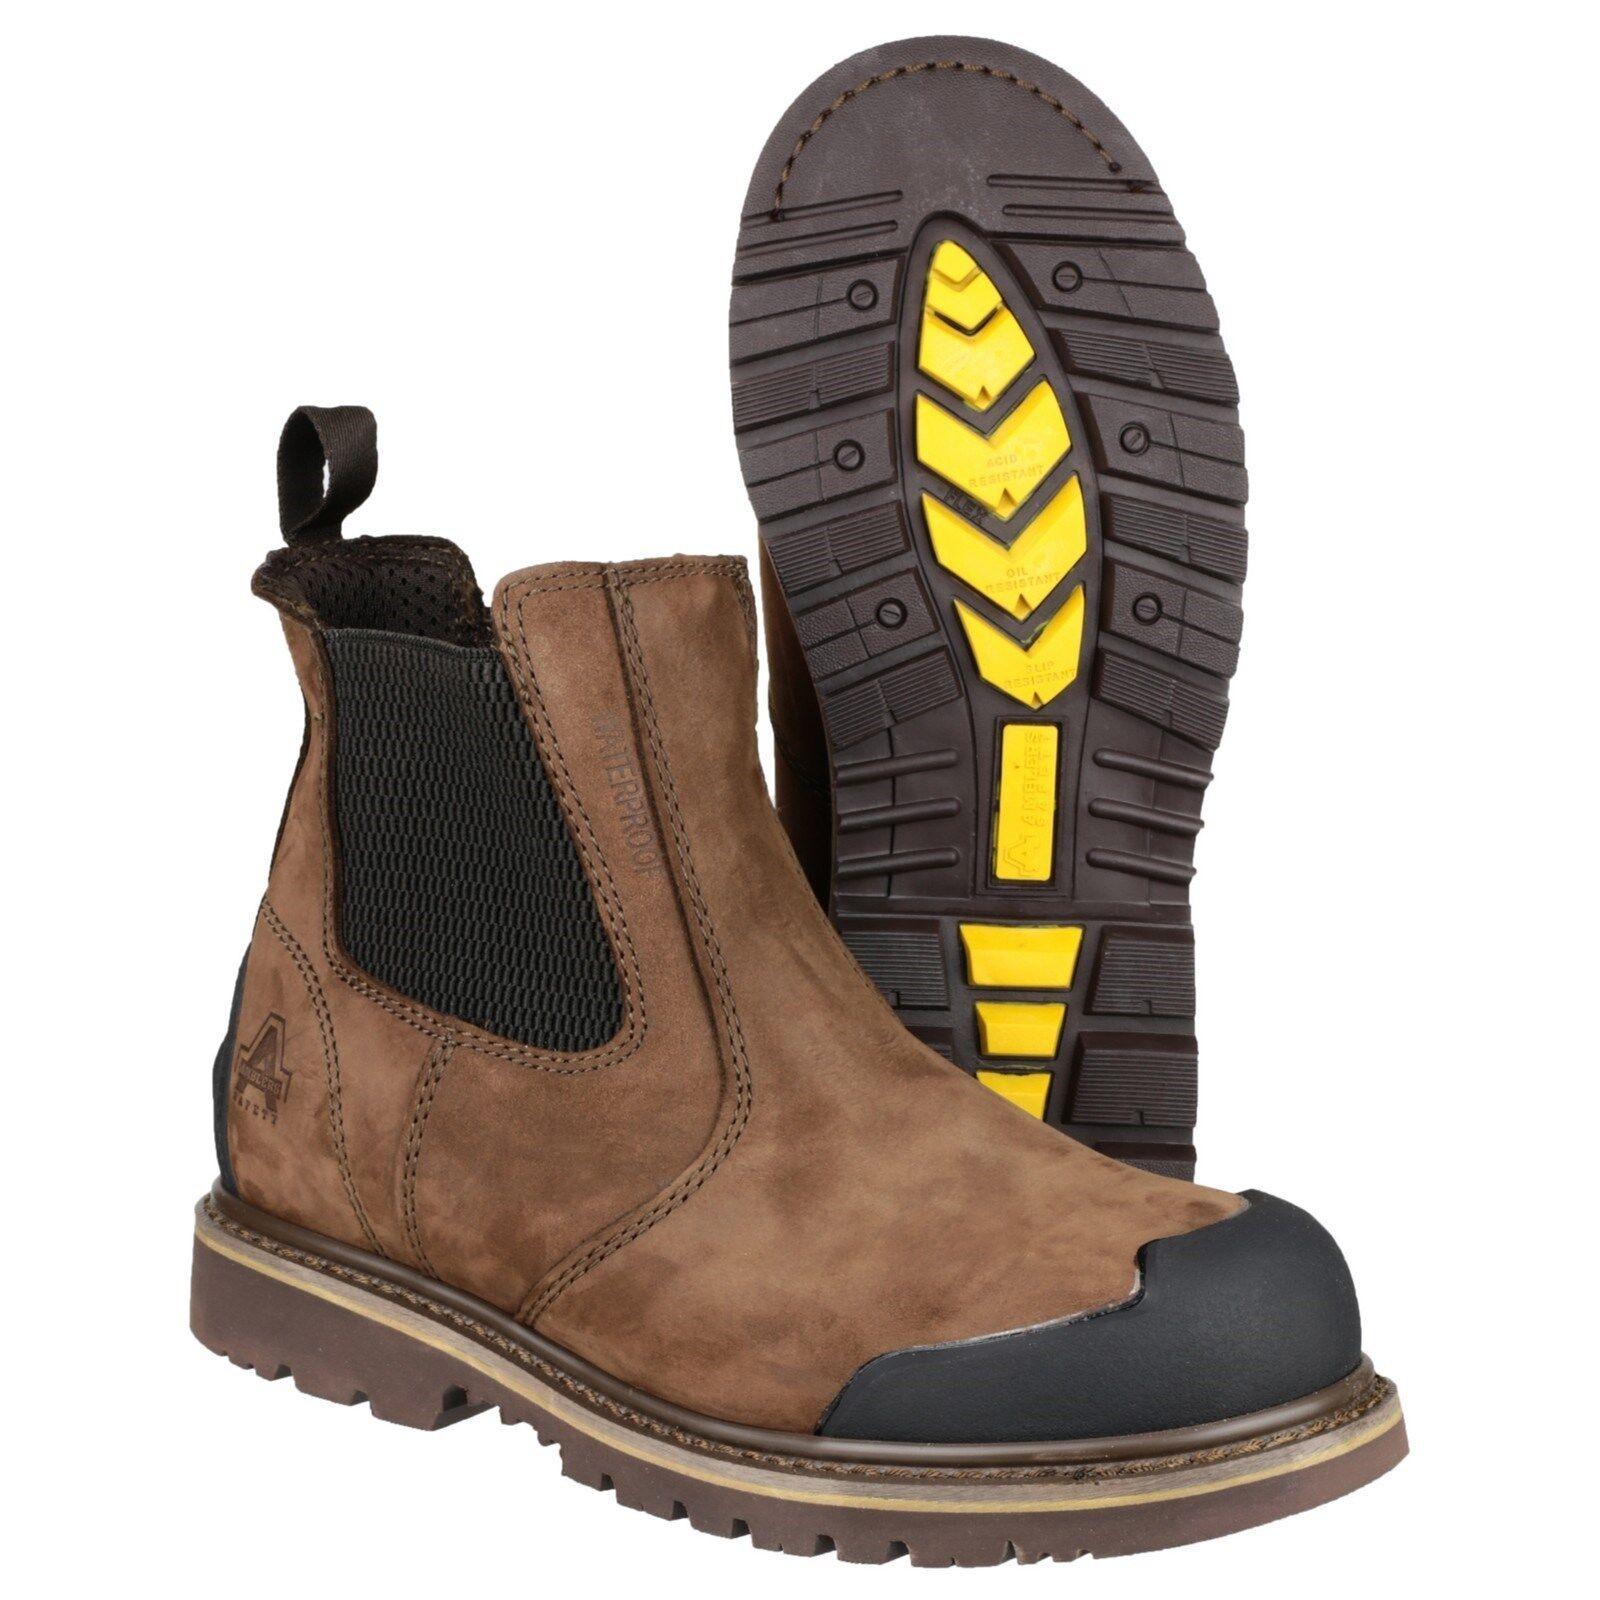 Amblers FS225 Stivali di sicurezza S3 in Acciaio Lavoro Punta Impermeabile Rivenditore Chelsea Lavoro Acciaio da Uomo d32f5f